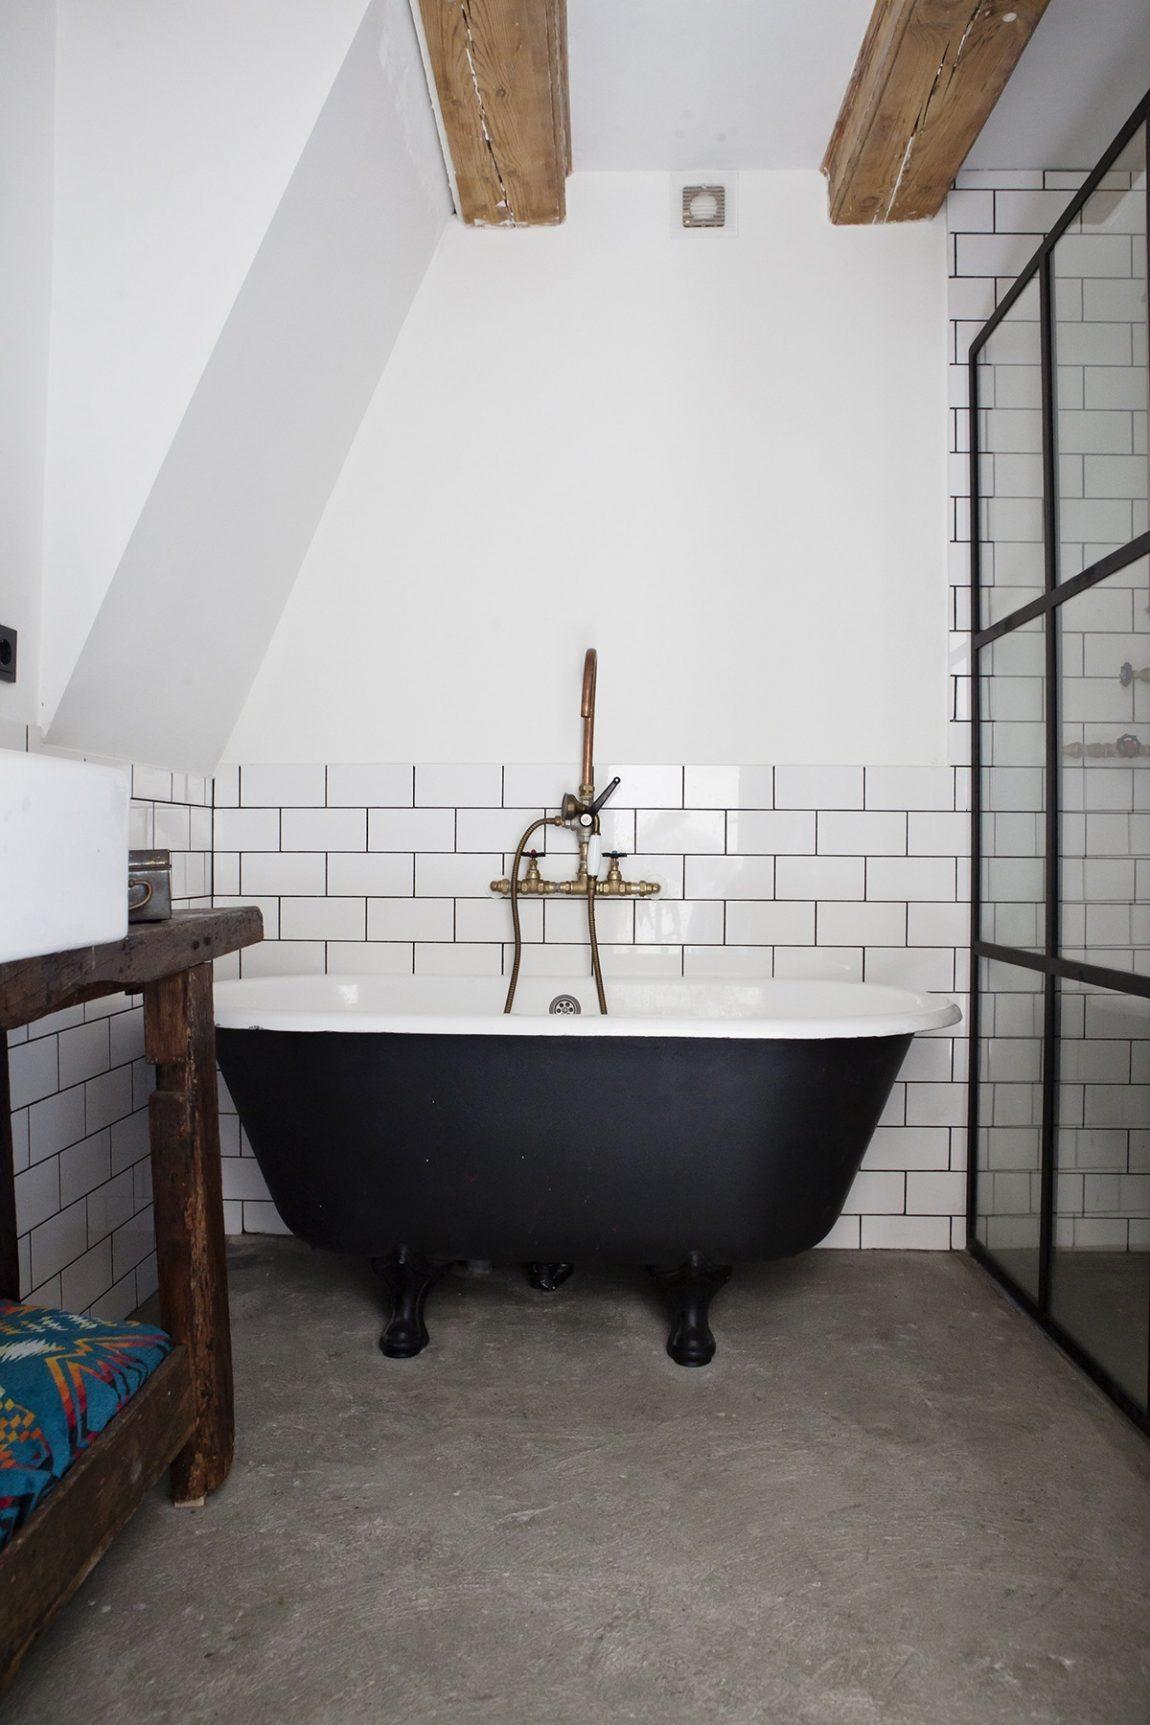 vrijstaand-bad-op-pootjes-stoere-badkamer